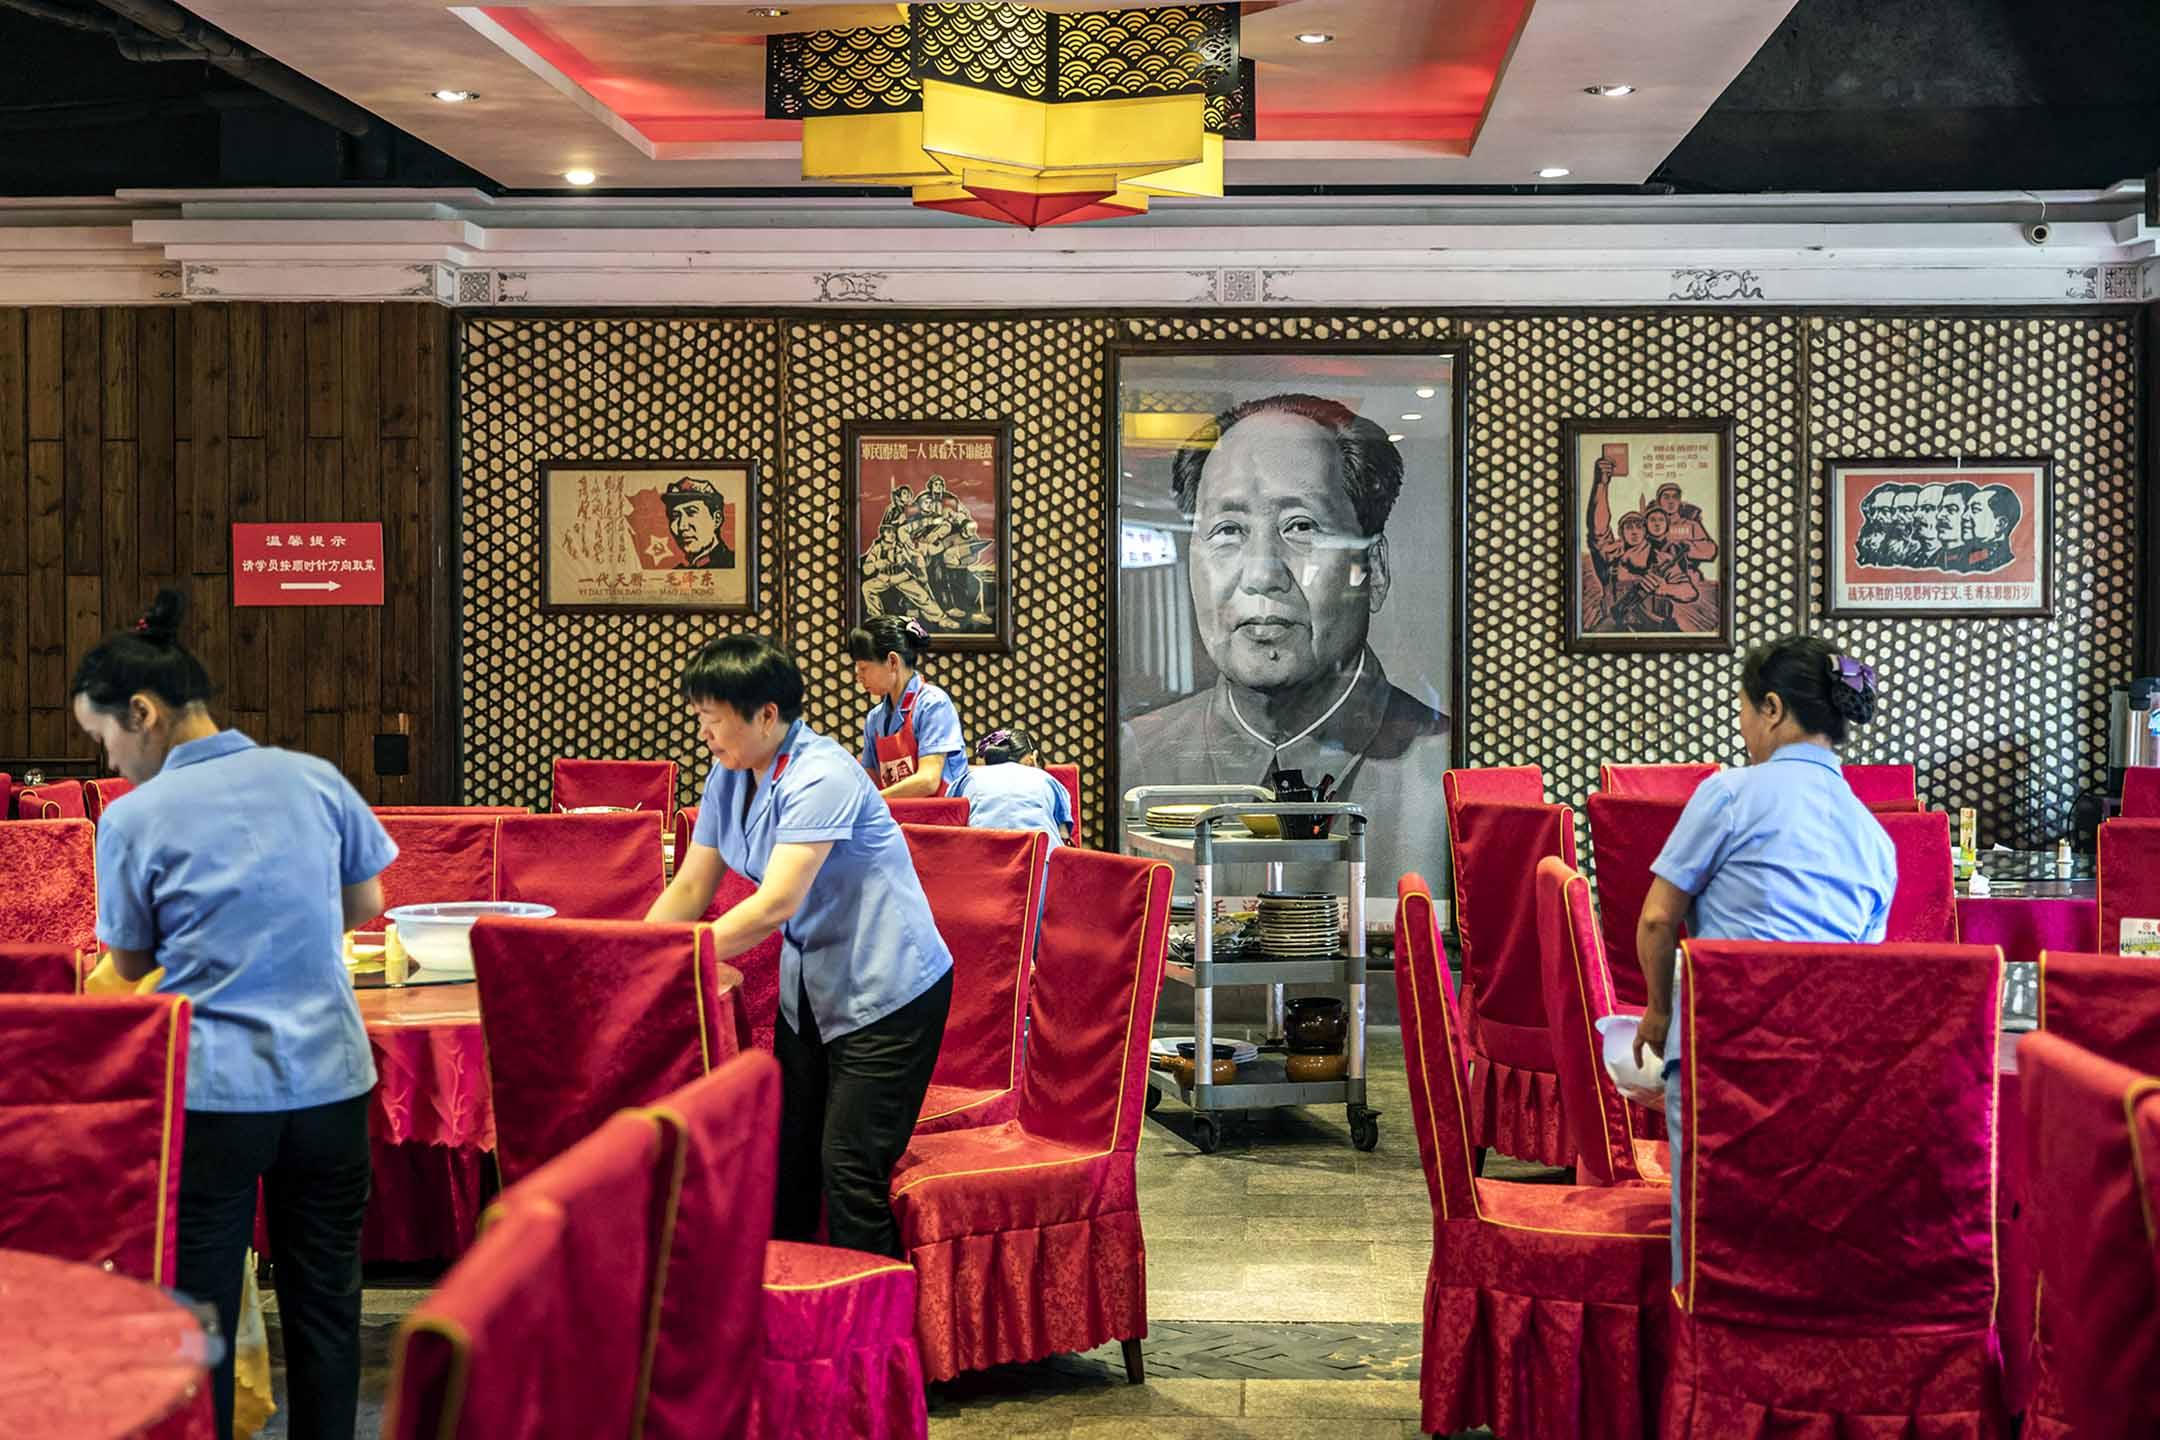 2019年9月21日中國江西井岡山,一家餐館的牆上懸掛著毛澤東的肖像。